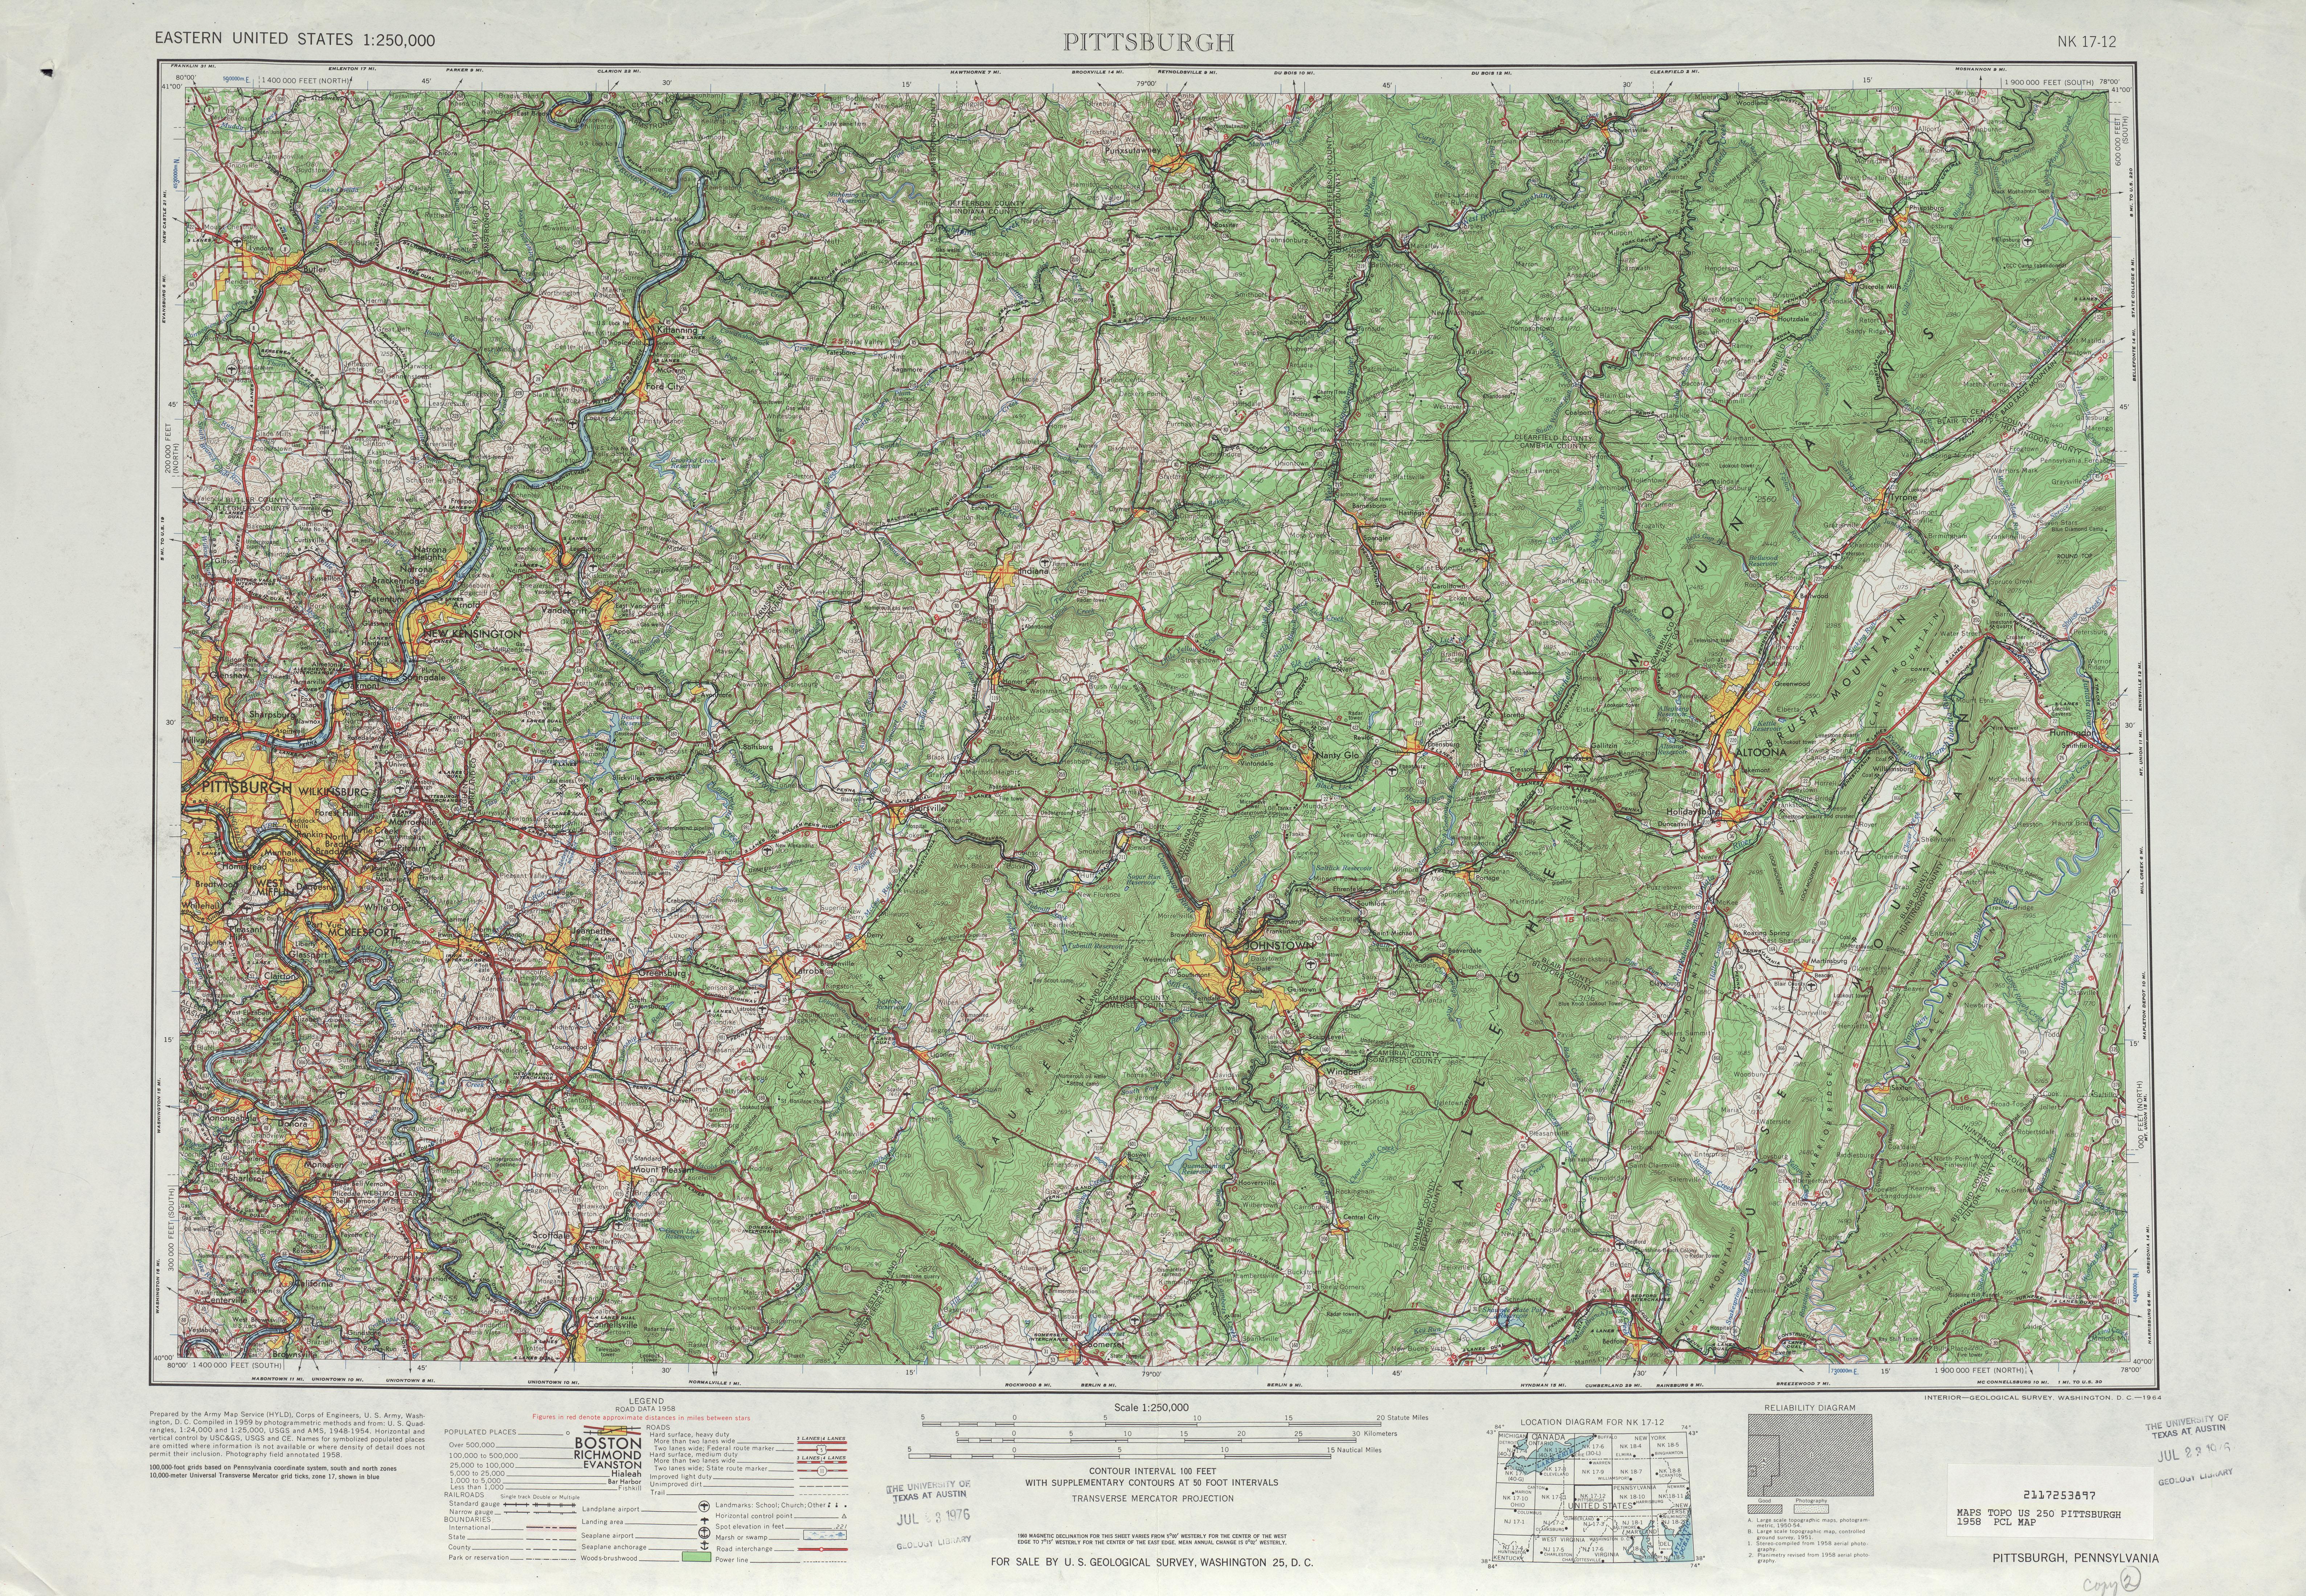 Hoja Pittsburgh del Mapa Topográfico de los Estados Unidos 1958